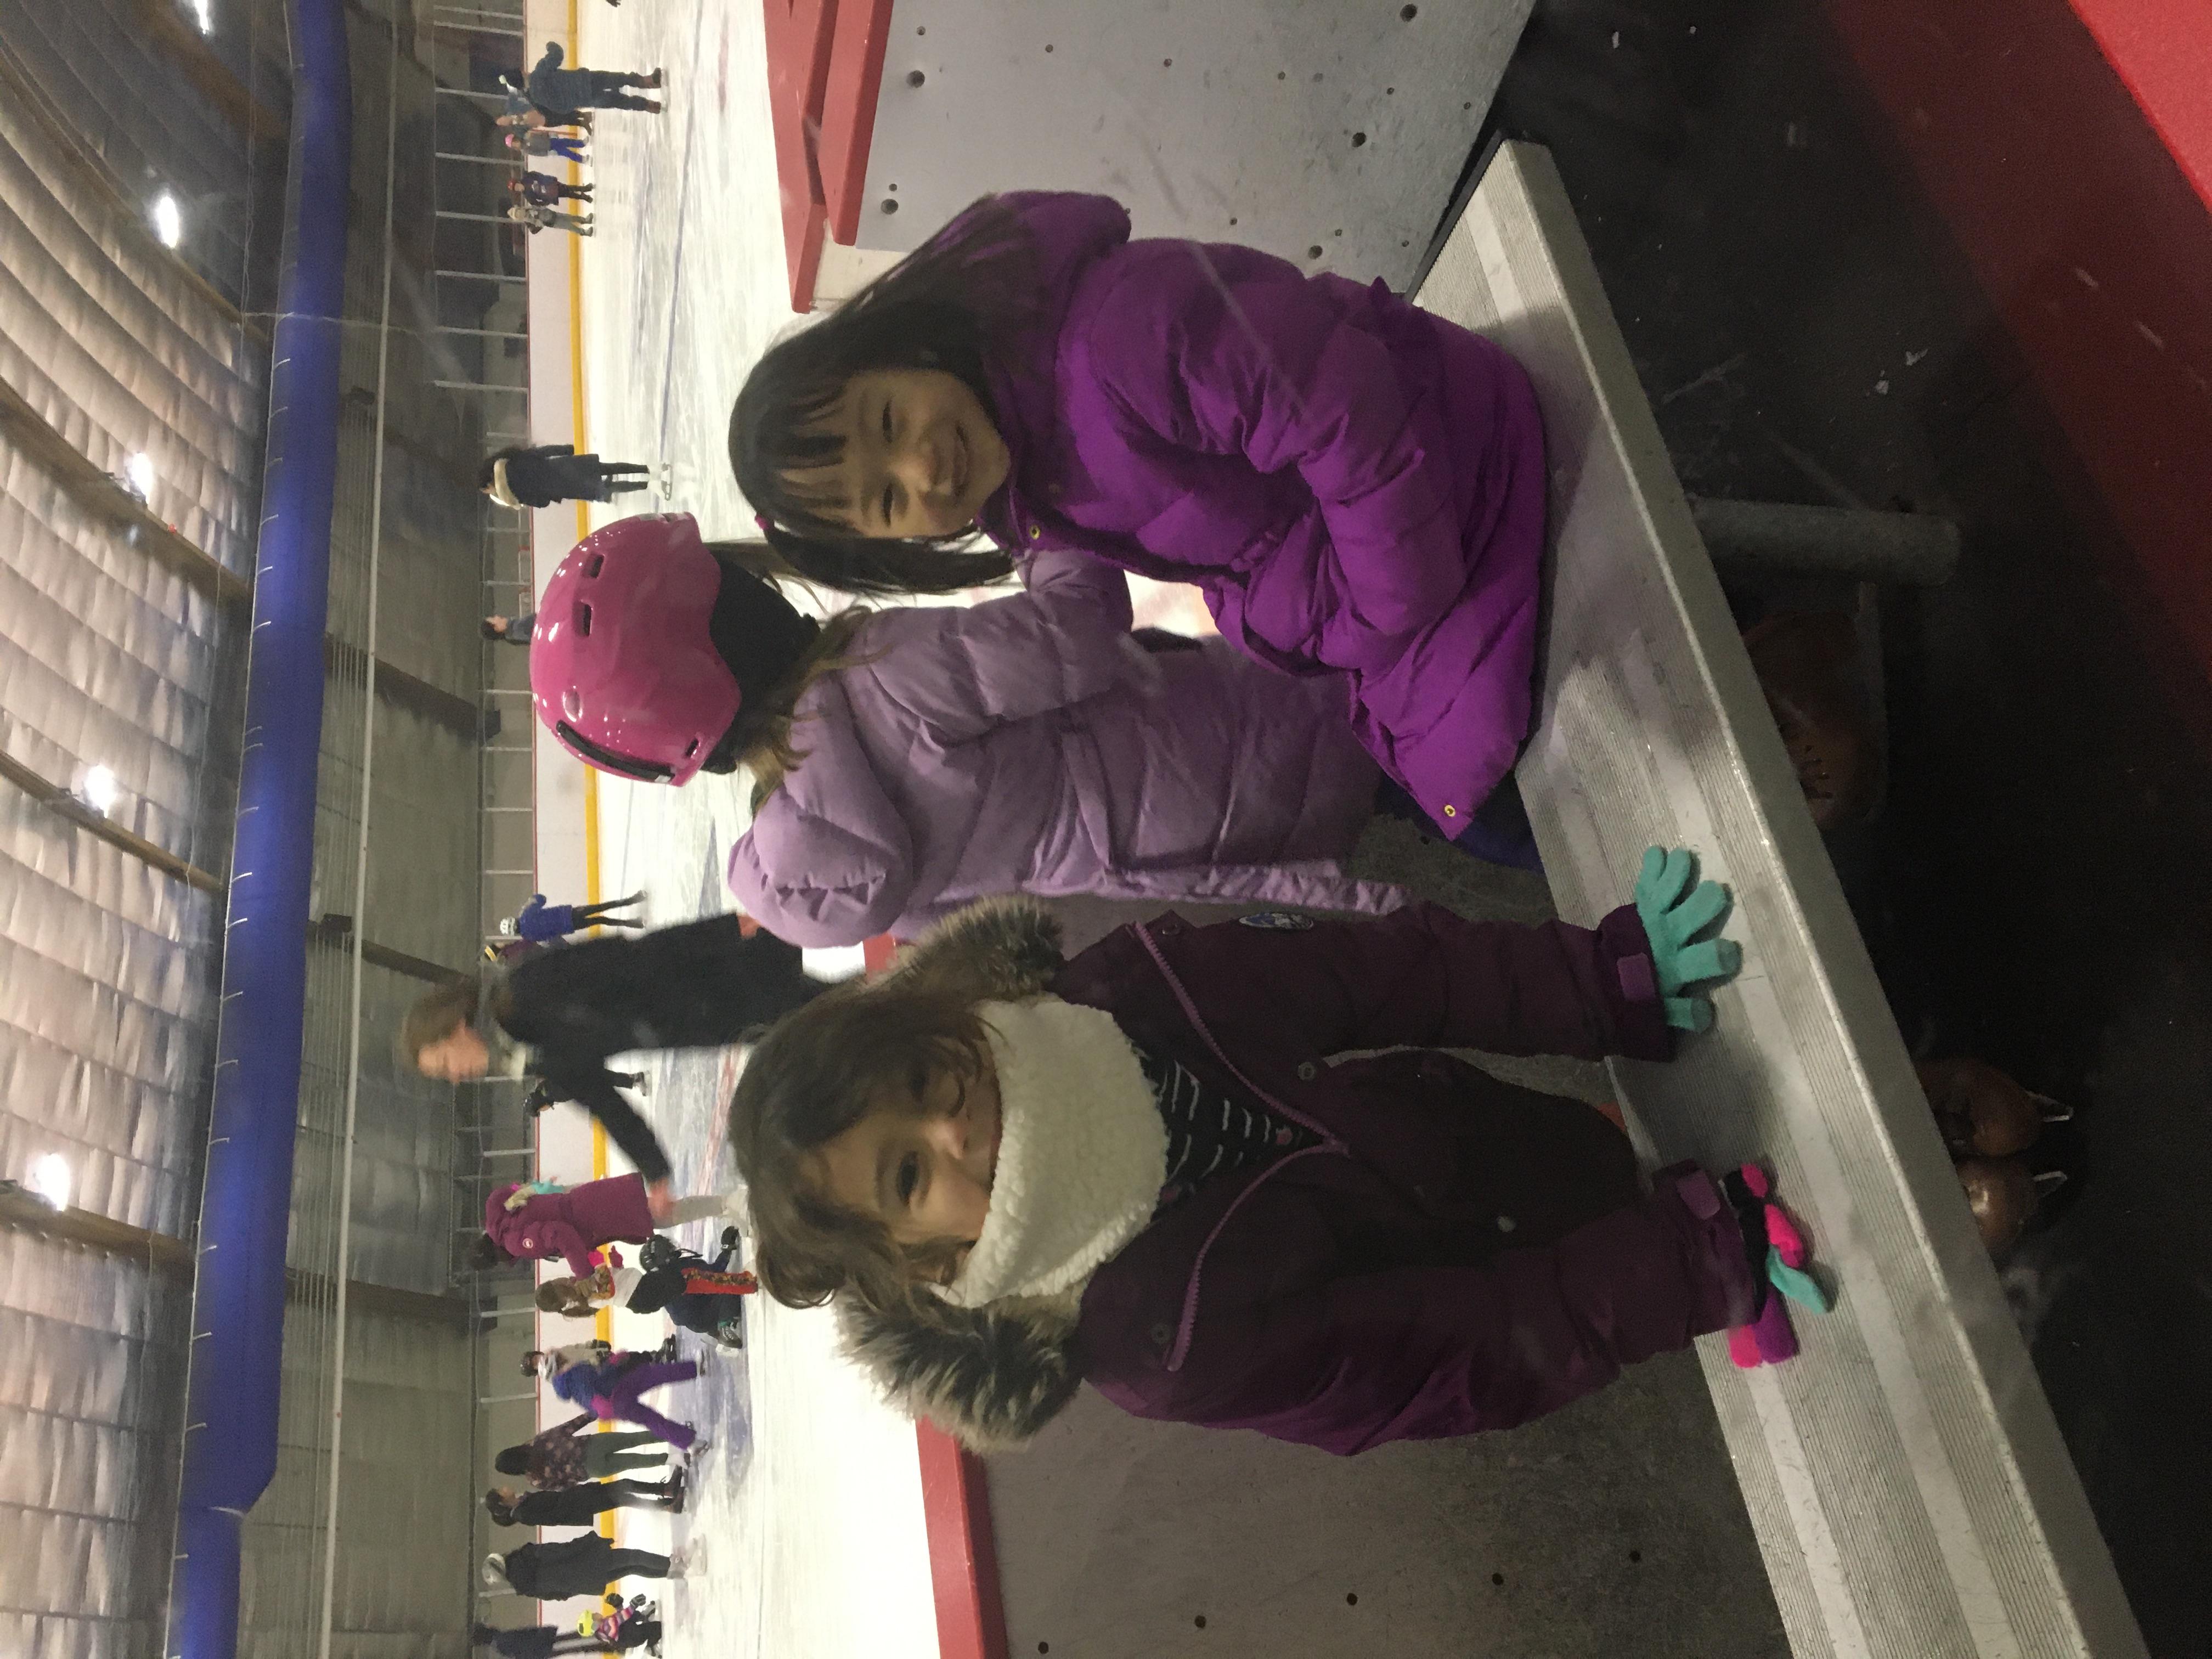 Ice skating at Daly Rink